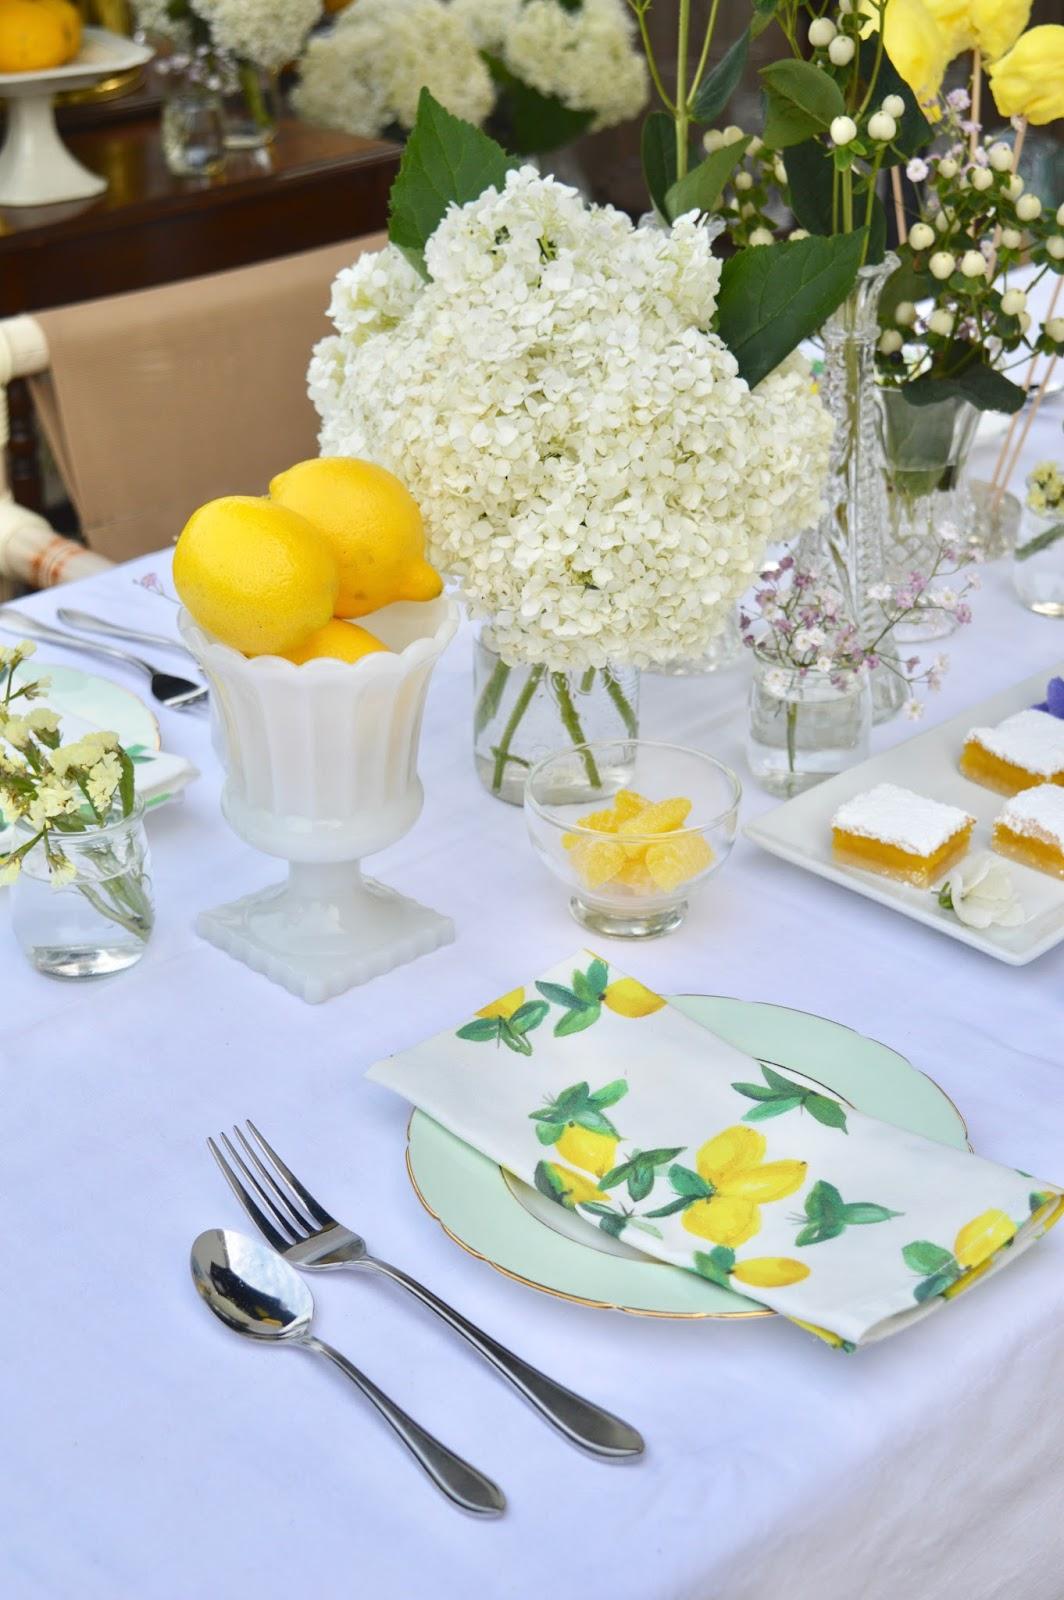 lemon print towels